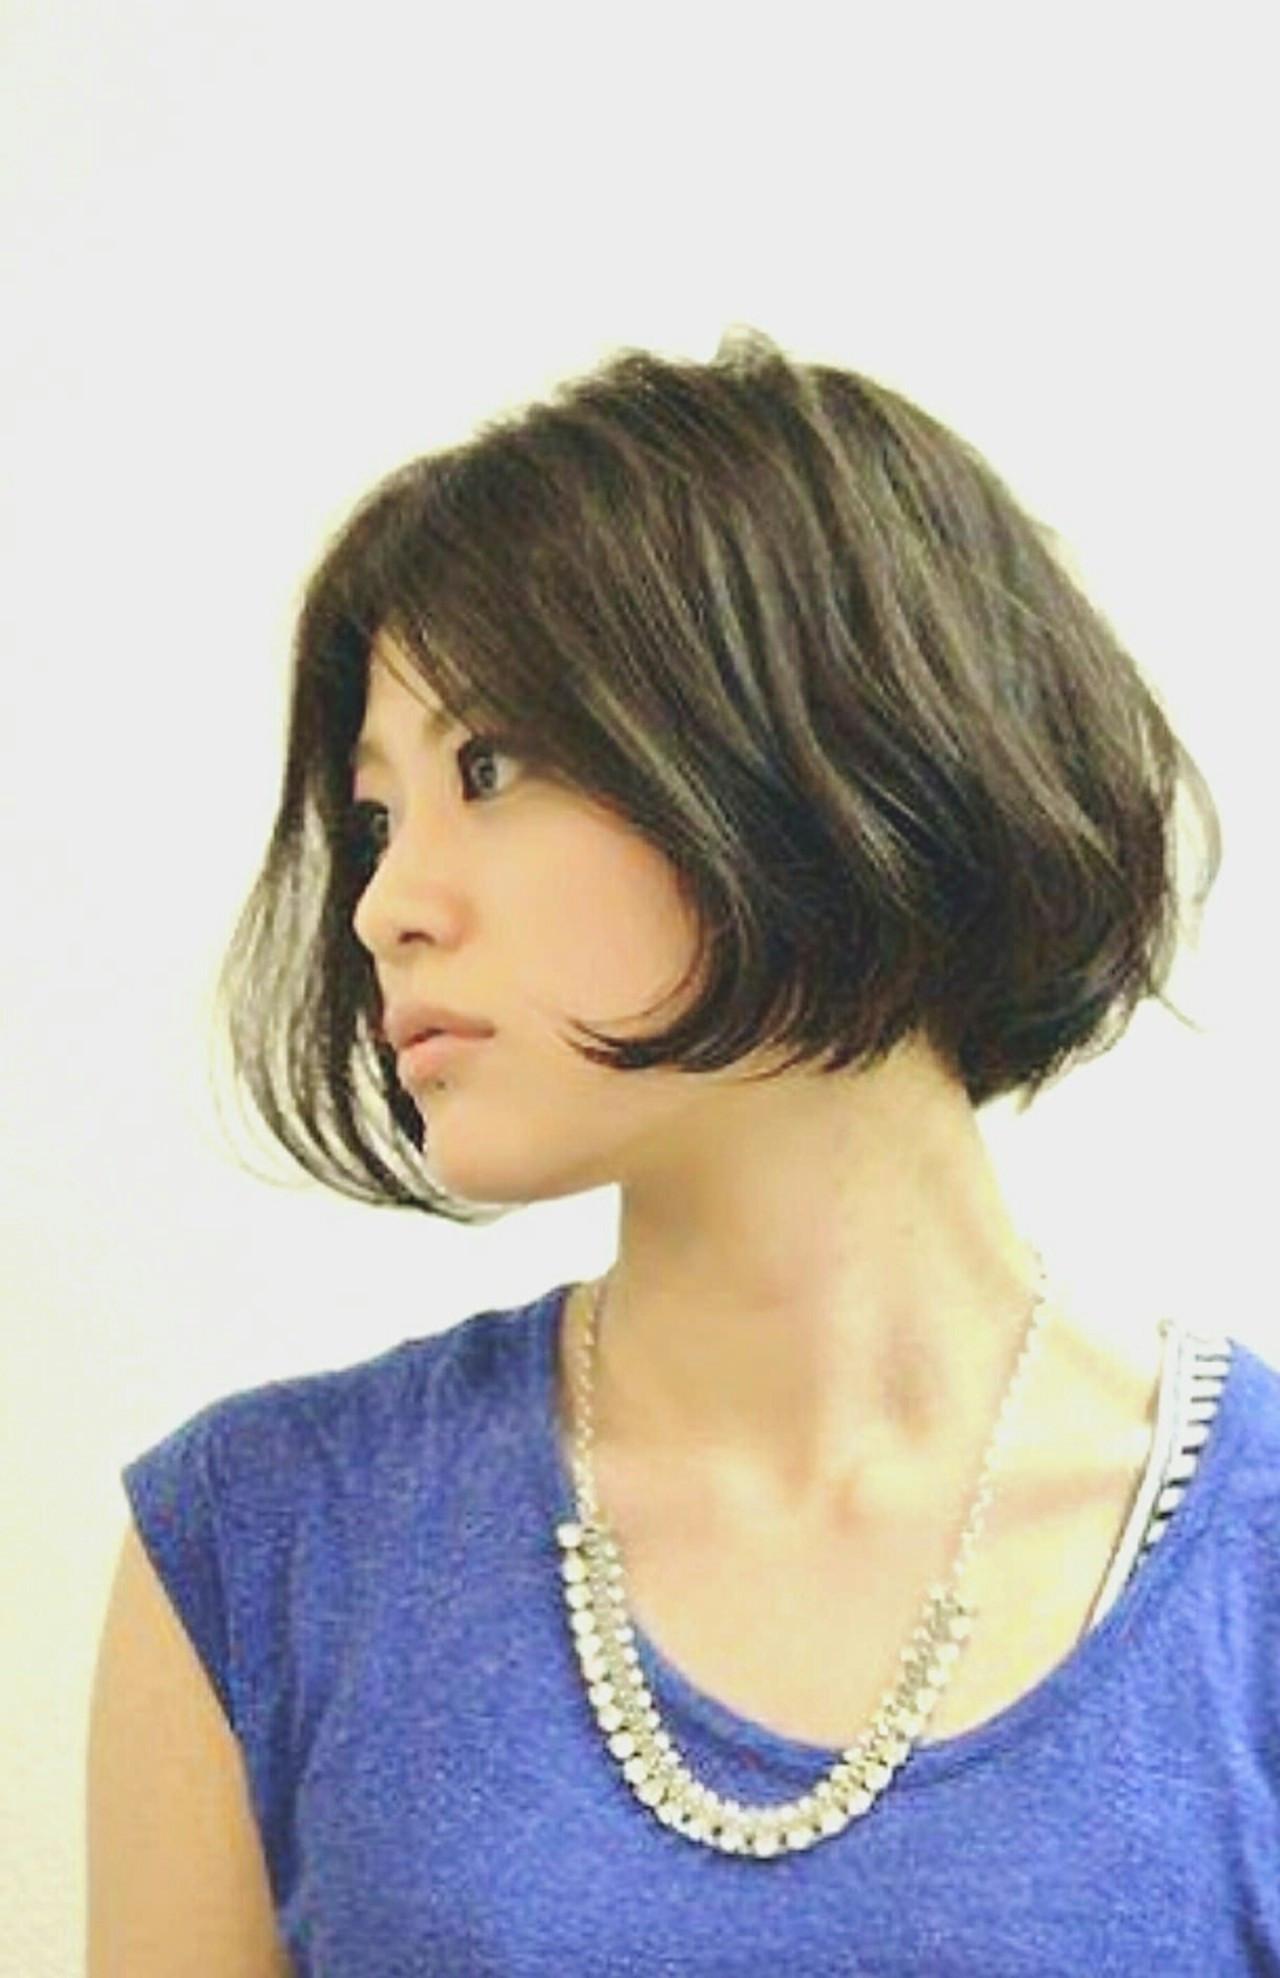 年齢を重ねたからこそ魅力的に。ミセスに似合うヘアスタイルまとめ 原田 友彦